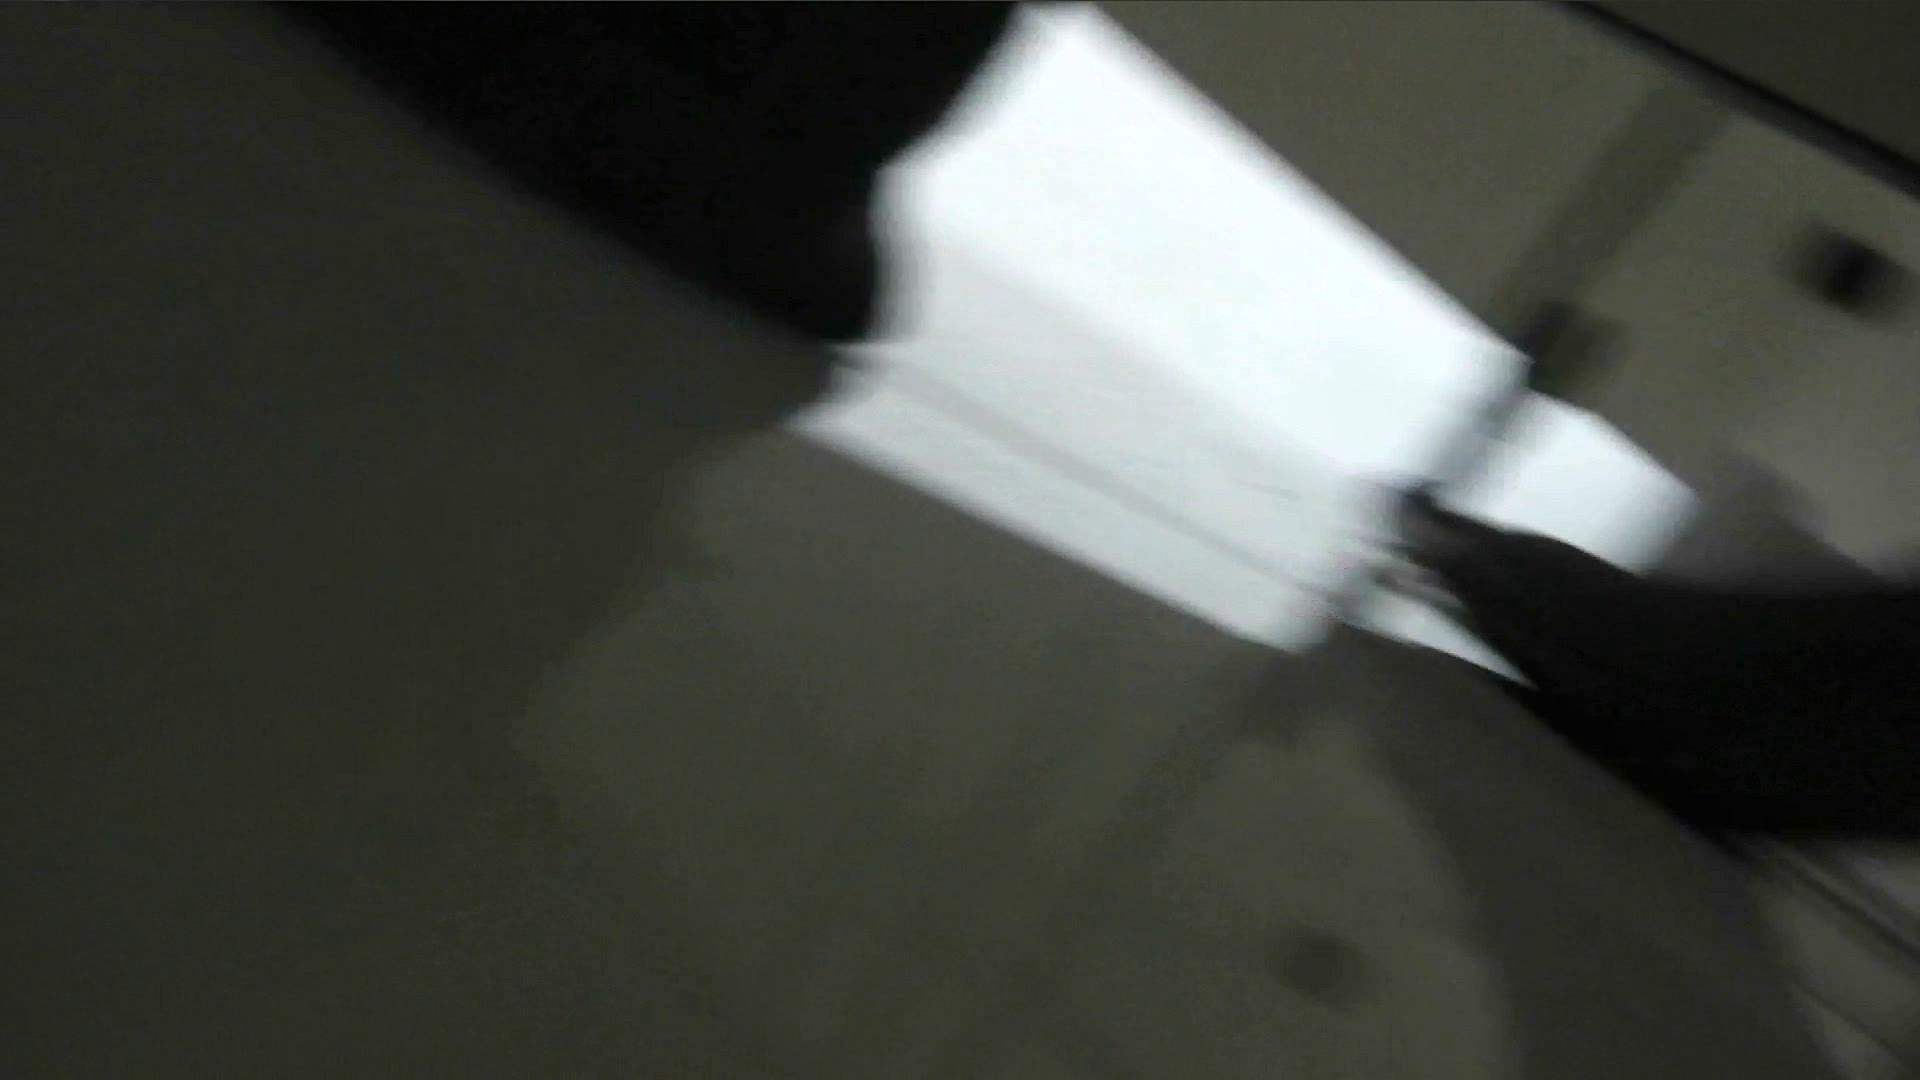 お市さんの「お尻丸出しジャンボリー」No.02 トイレ すけべAV動画紹介 41連発 12